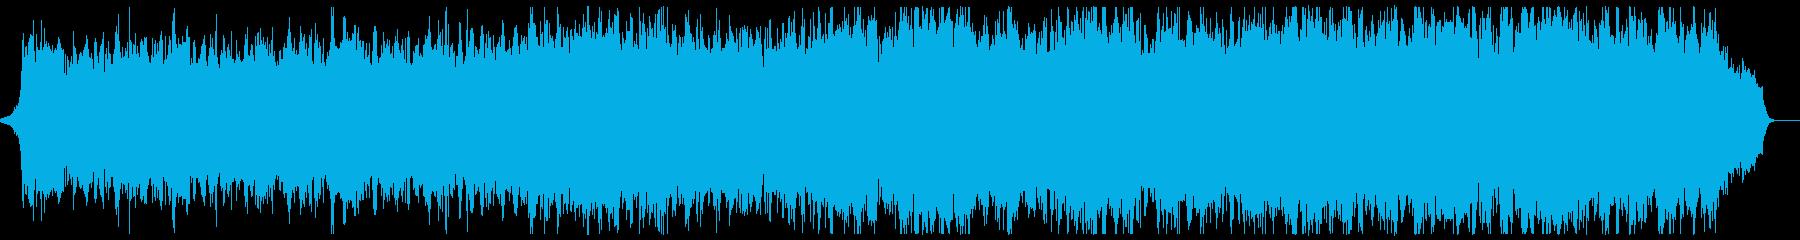 明るく上品なピアノ管弦楽:フル1回の再生済みの波形